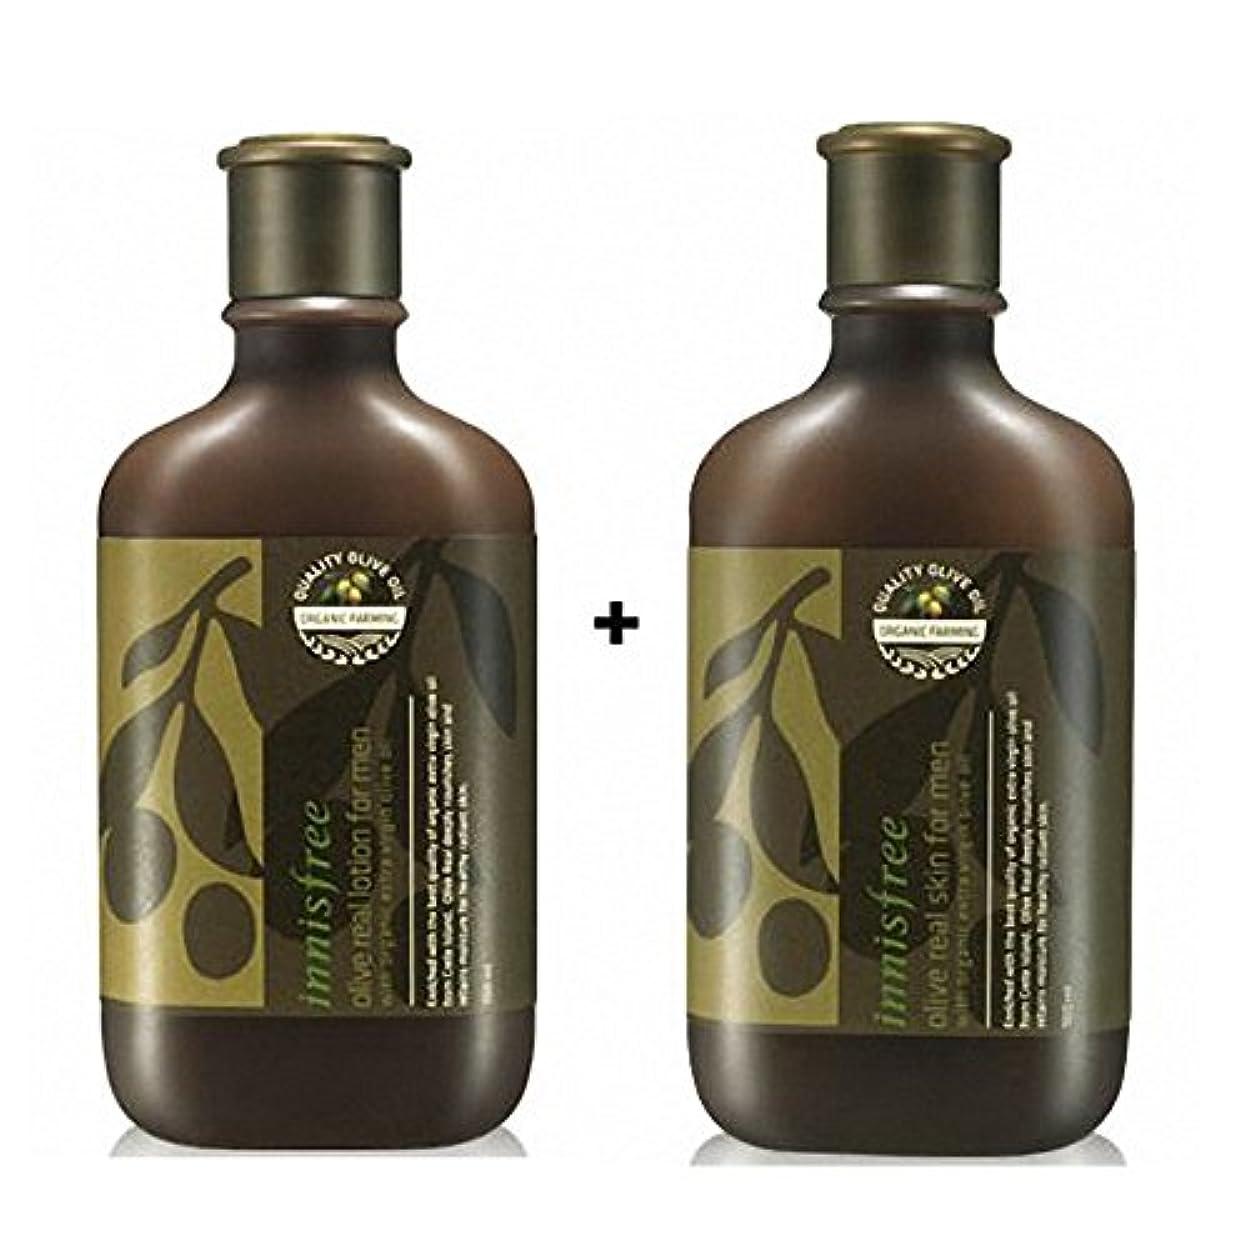 気性賠償作動する[イニスフリー] Innisfree オリーブリアルローション.スキンフォアマンセット(150ml+150ml) Innisfree Olive Real Lotion.Skin Set  For Men(150ml+150ml...